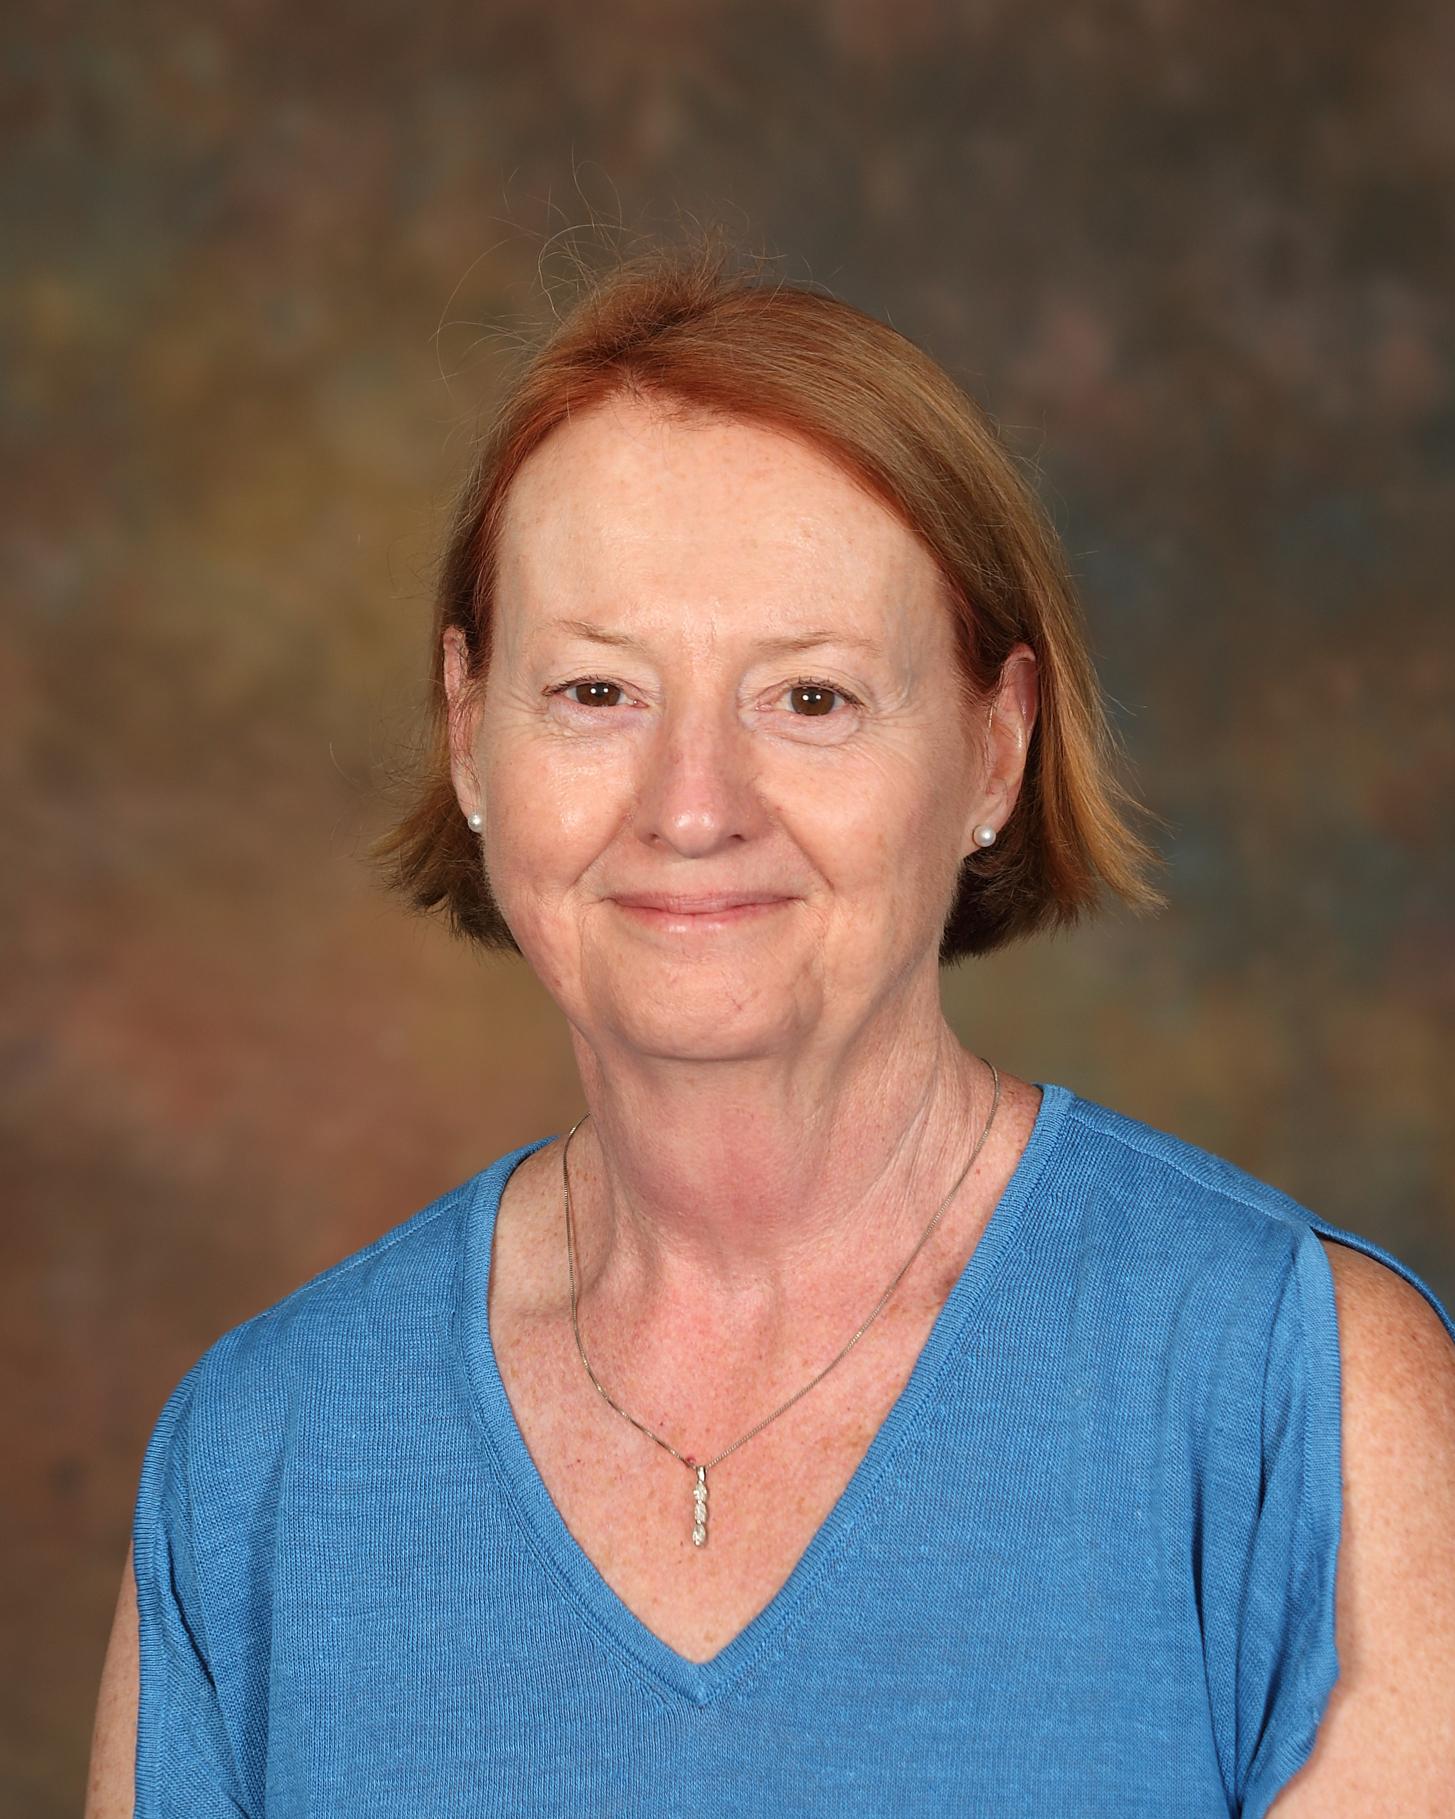 Margaret Elrod